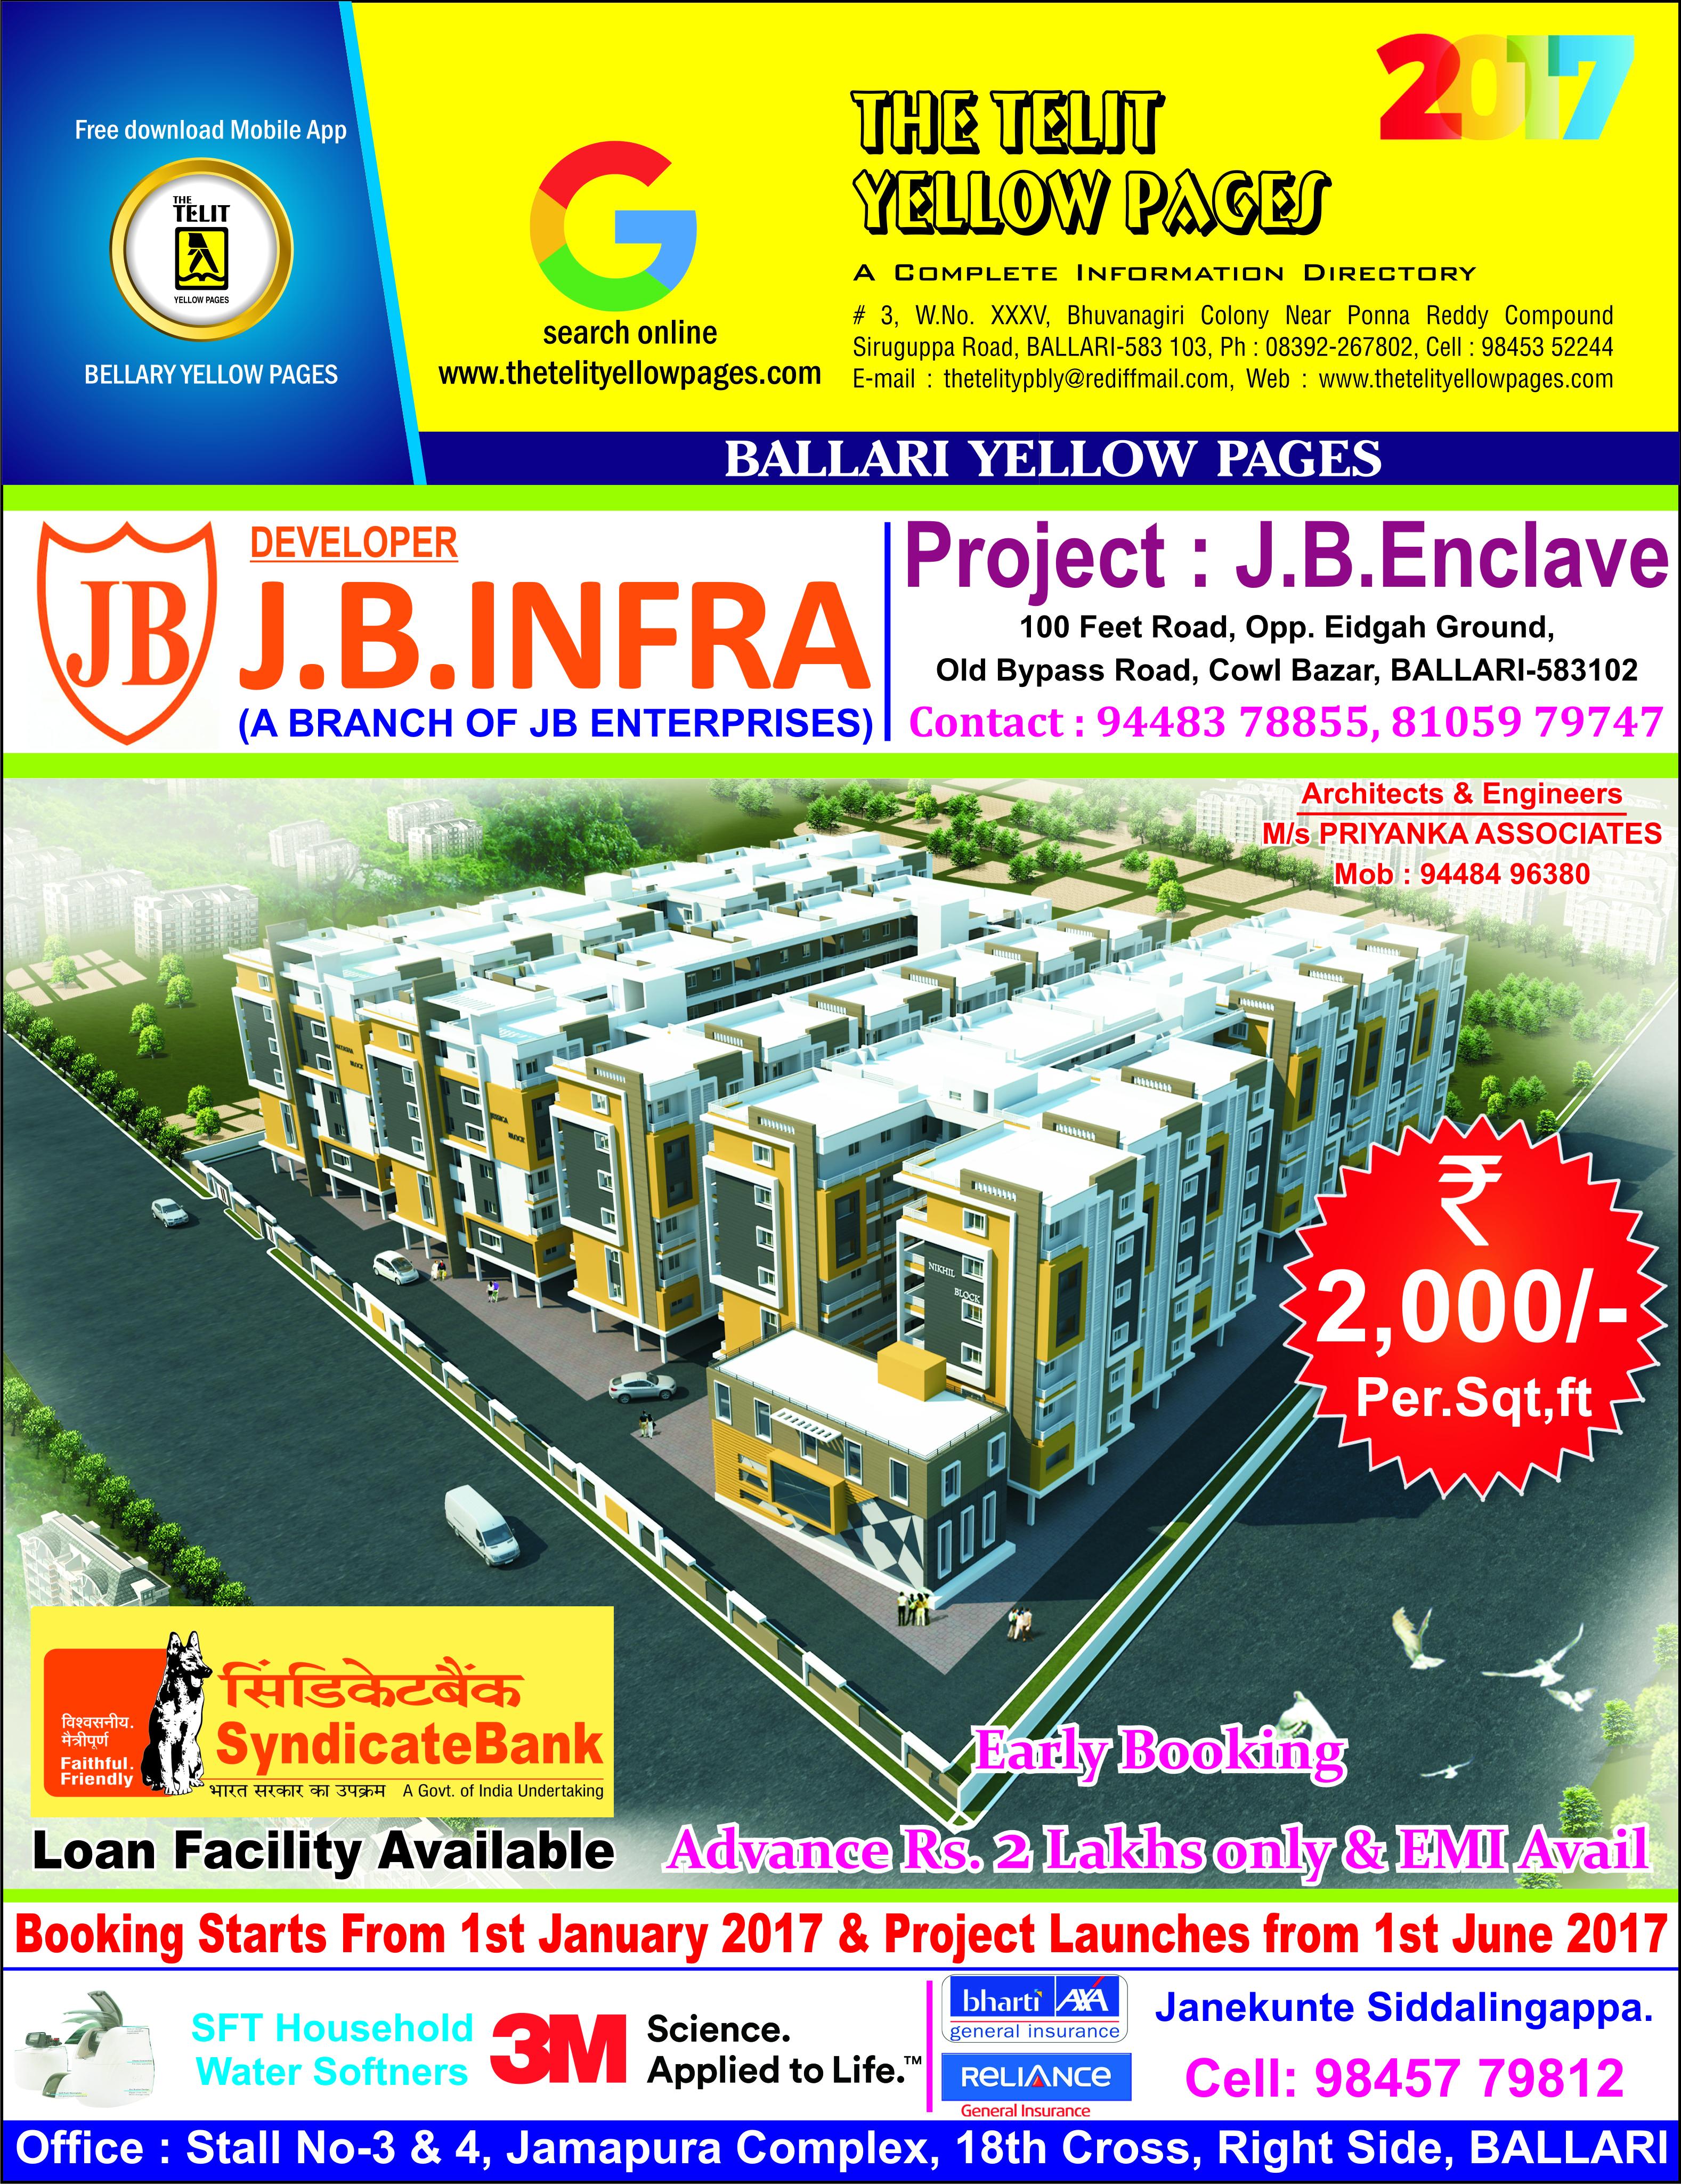 J.B.INFRA